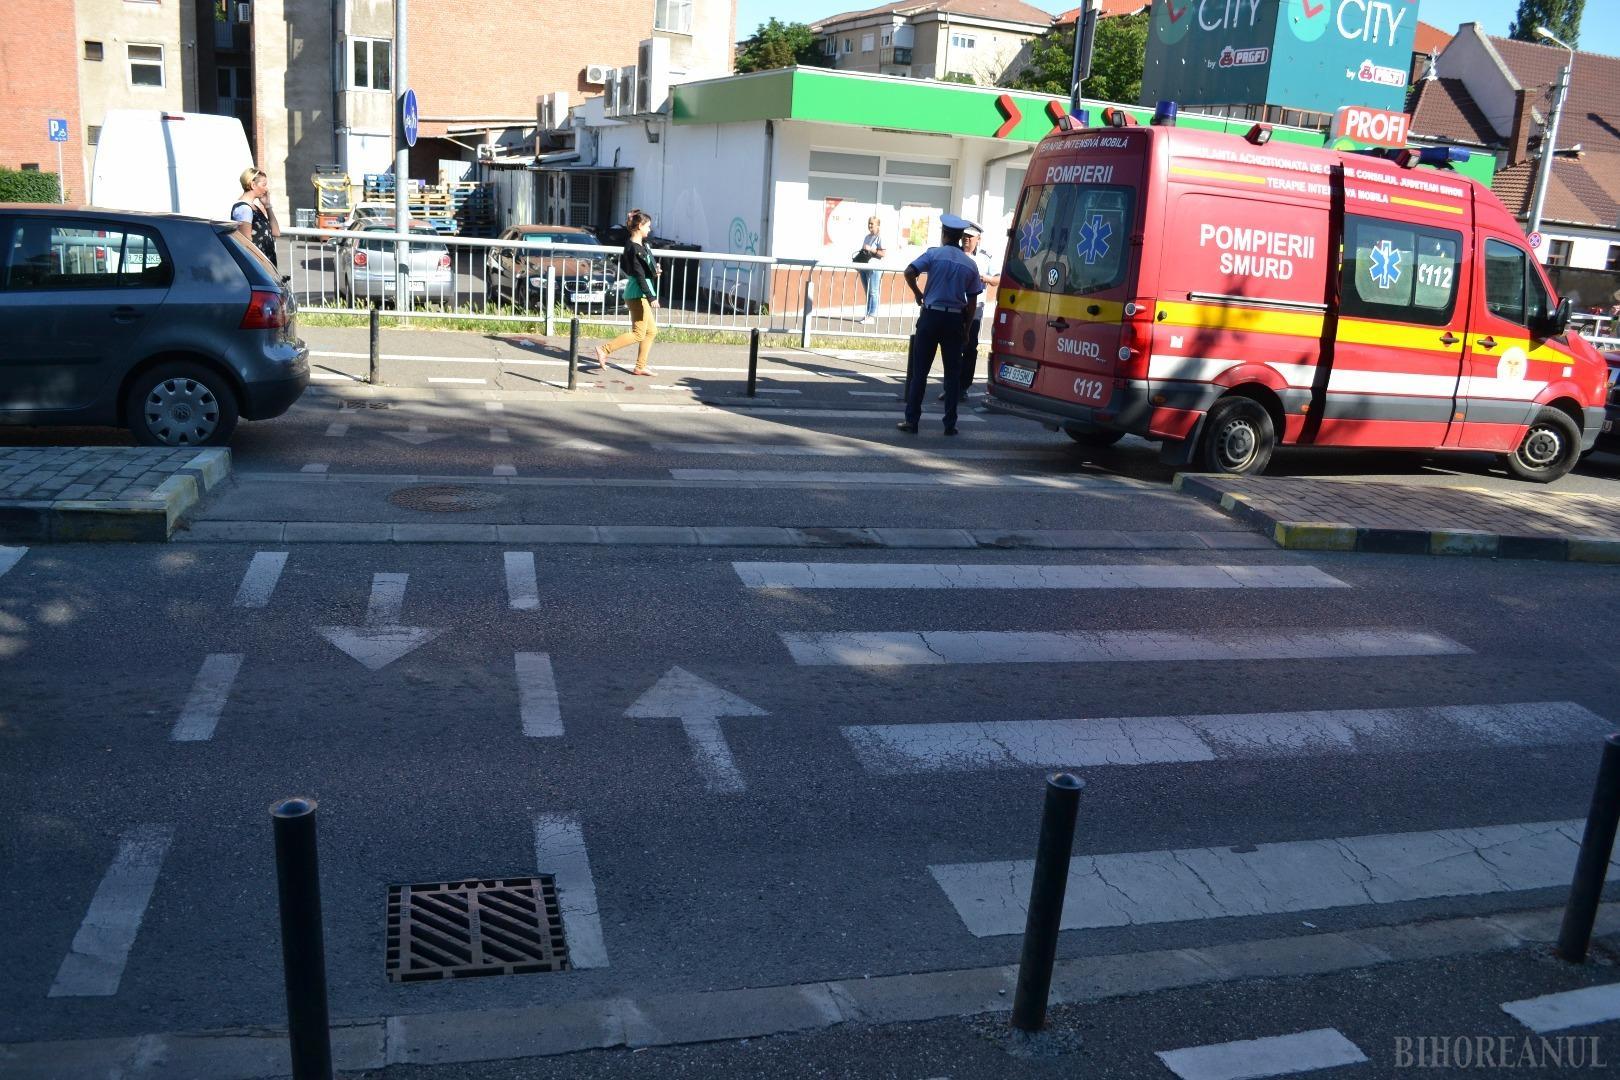 Accident pe podul Carol I: Un bărbat a fost lovit pe trecerea de pietoni (FOTO)